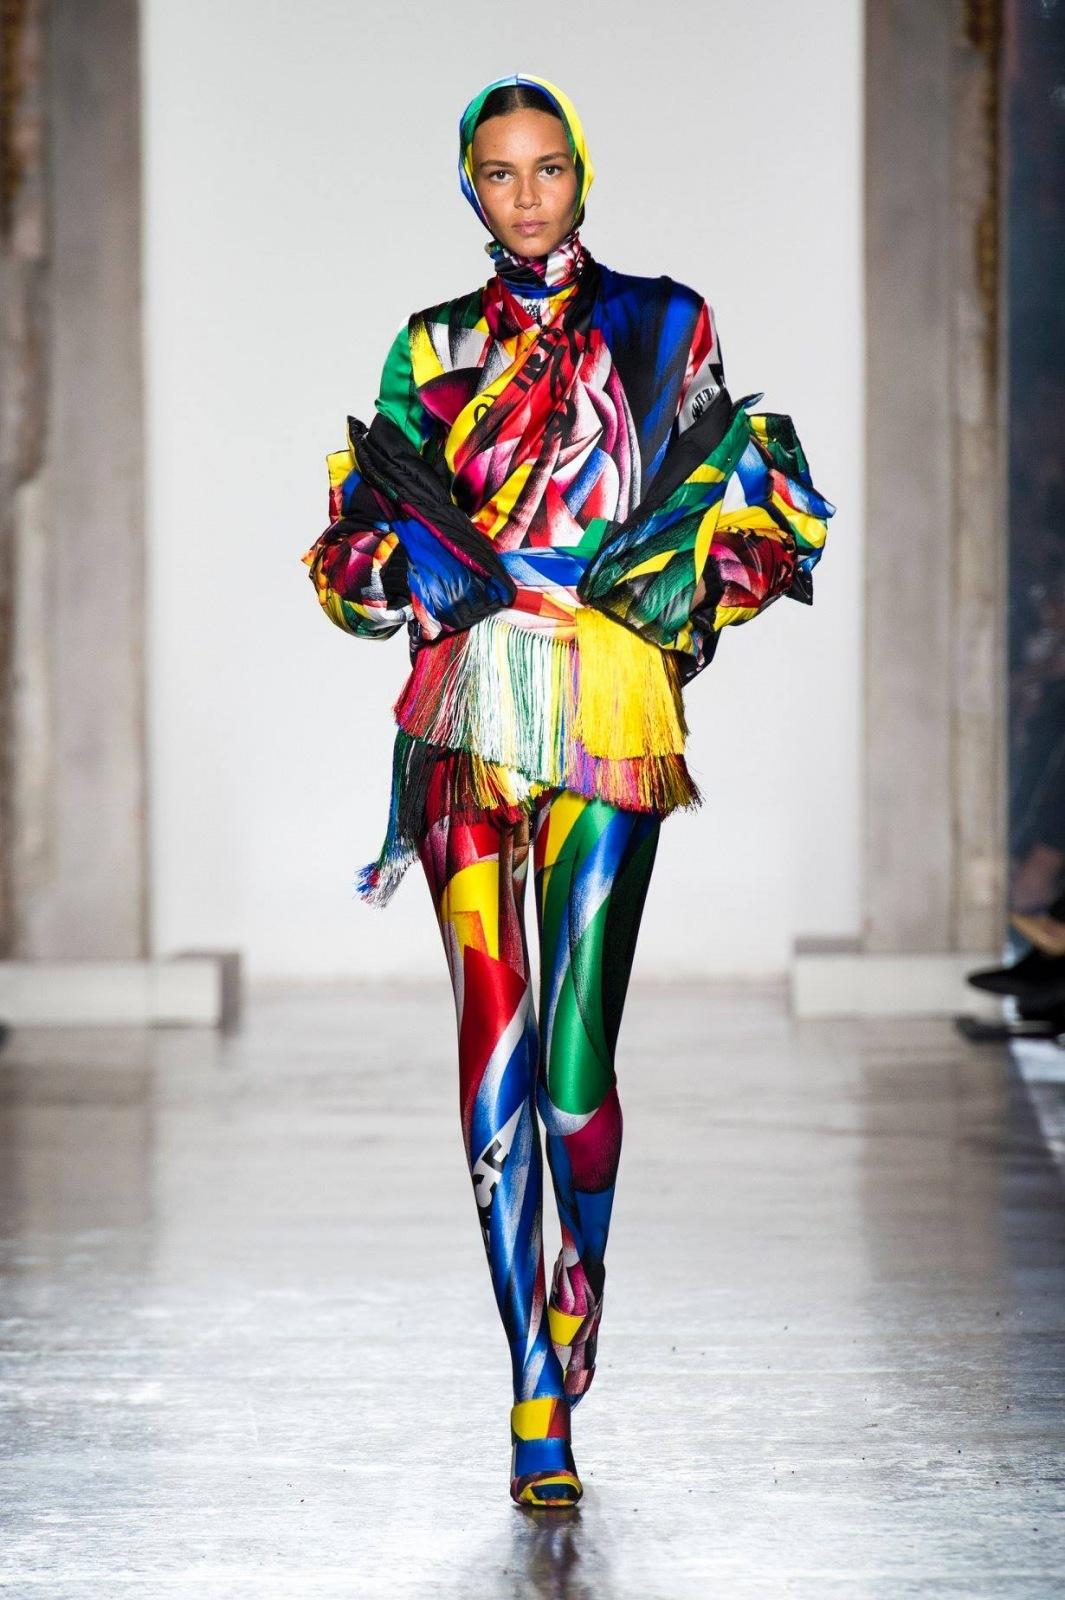 Velkolepá kolekce Versace FW 2018 19  Budou se nosit výrazné barvy a ... f8a7d58355